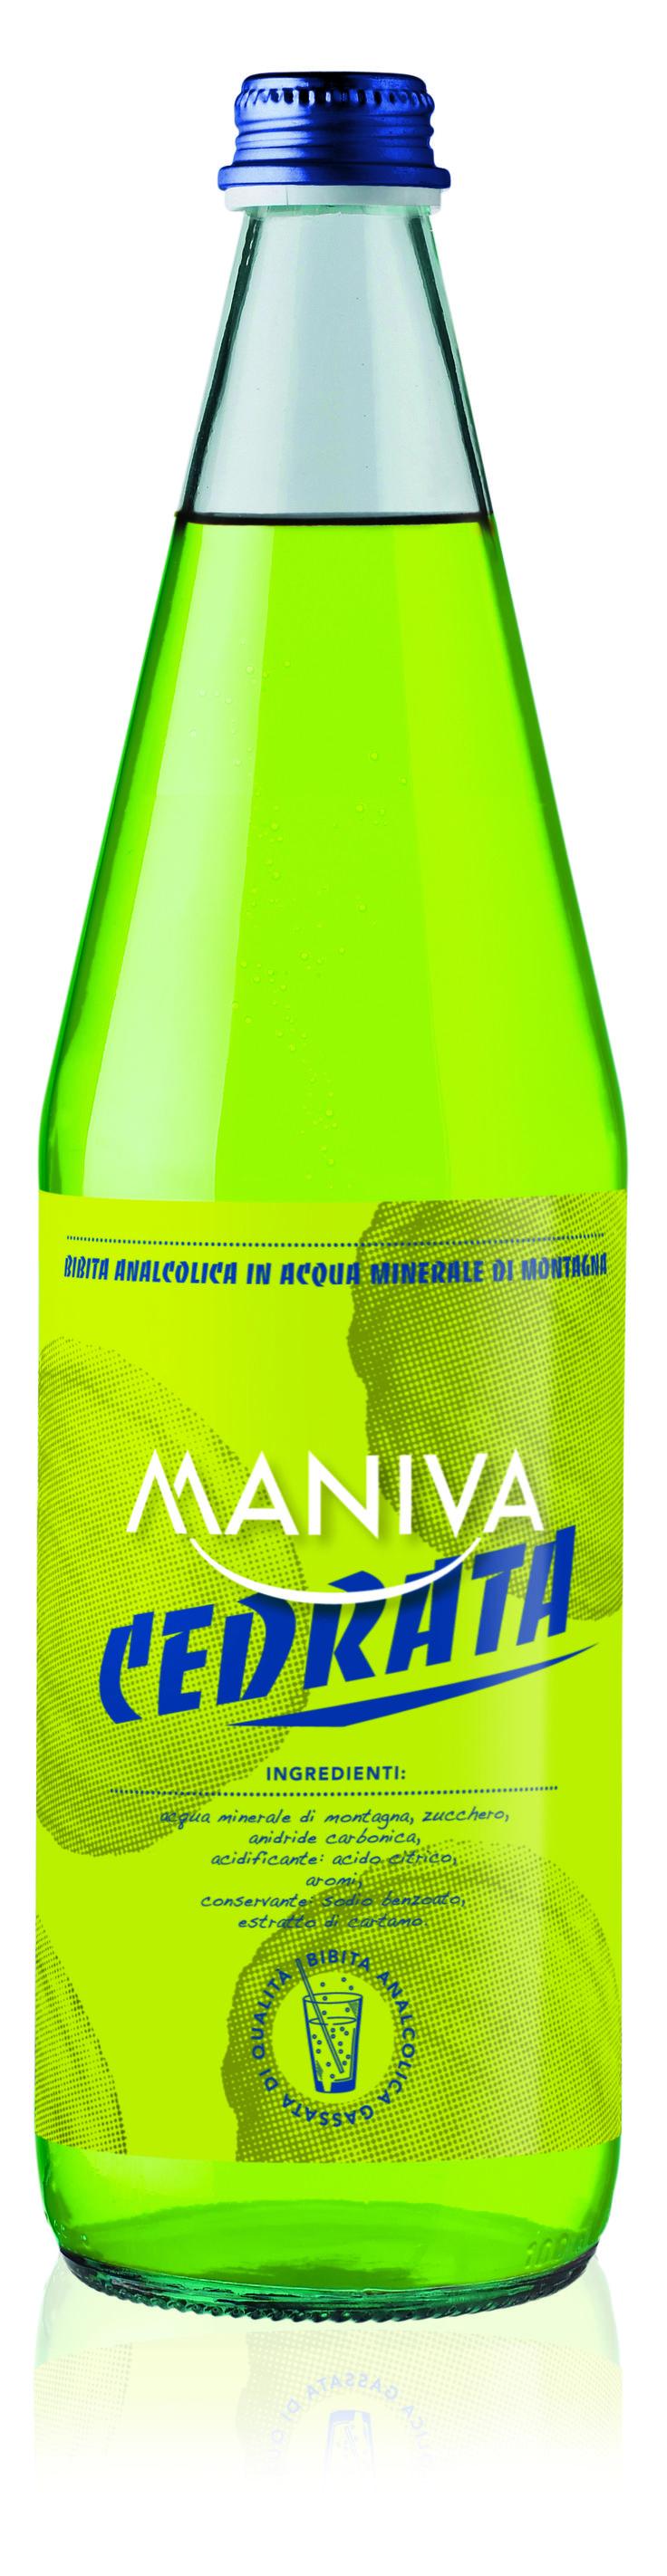 CEDRATA Bibita analcolica frizzante, di alta qualità garantita anche dalla leggera acqua minerale di montagna di cui è composta